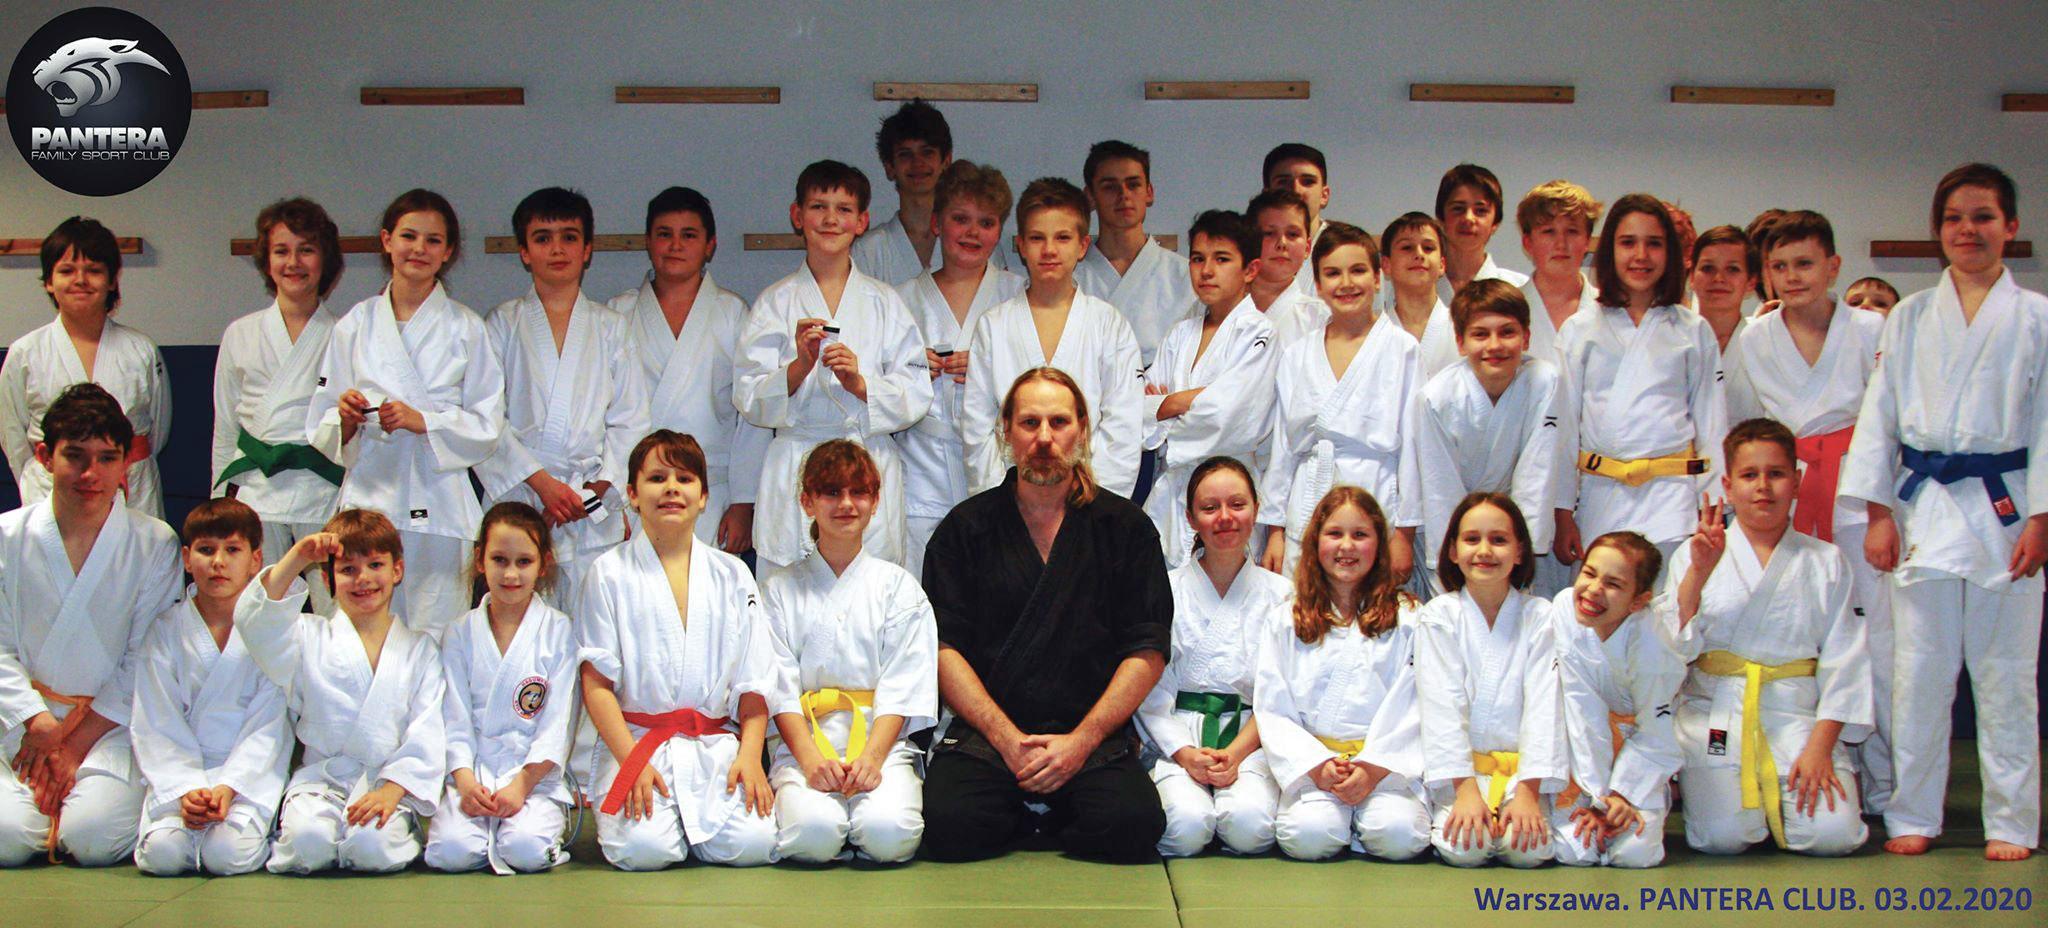 Egzaminy aikido budokai dla dzieci 2020